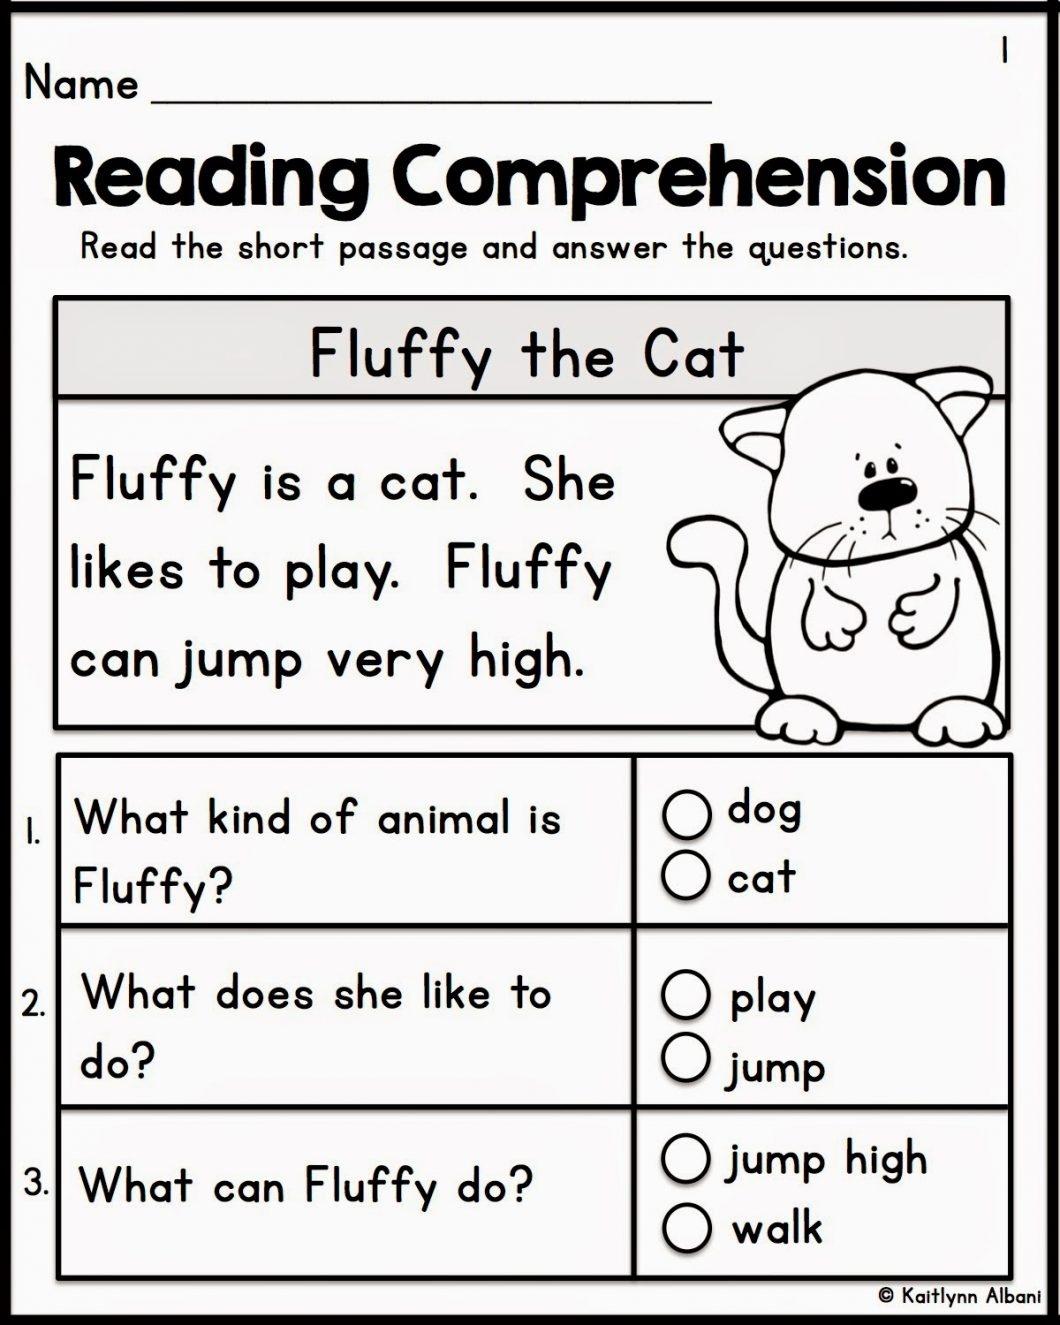 Kindergarten: Children Coloring Images Christmas Worksheets Year - Free Printable Reading Activities For Kindergarten